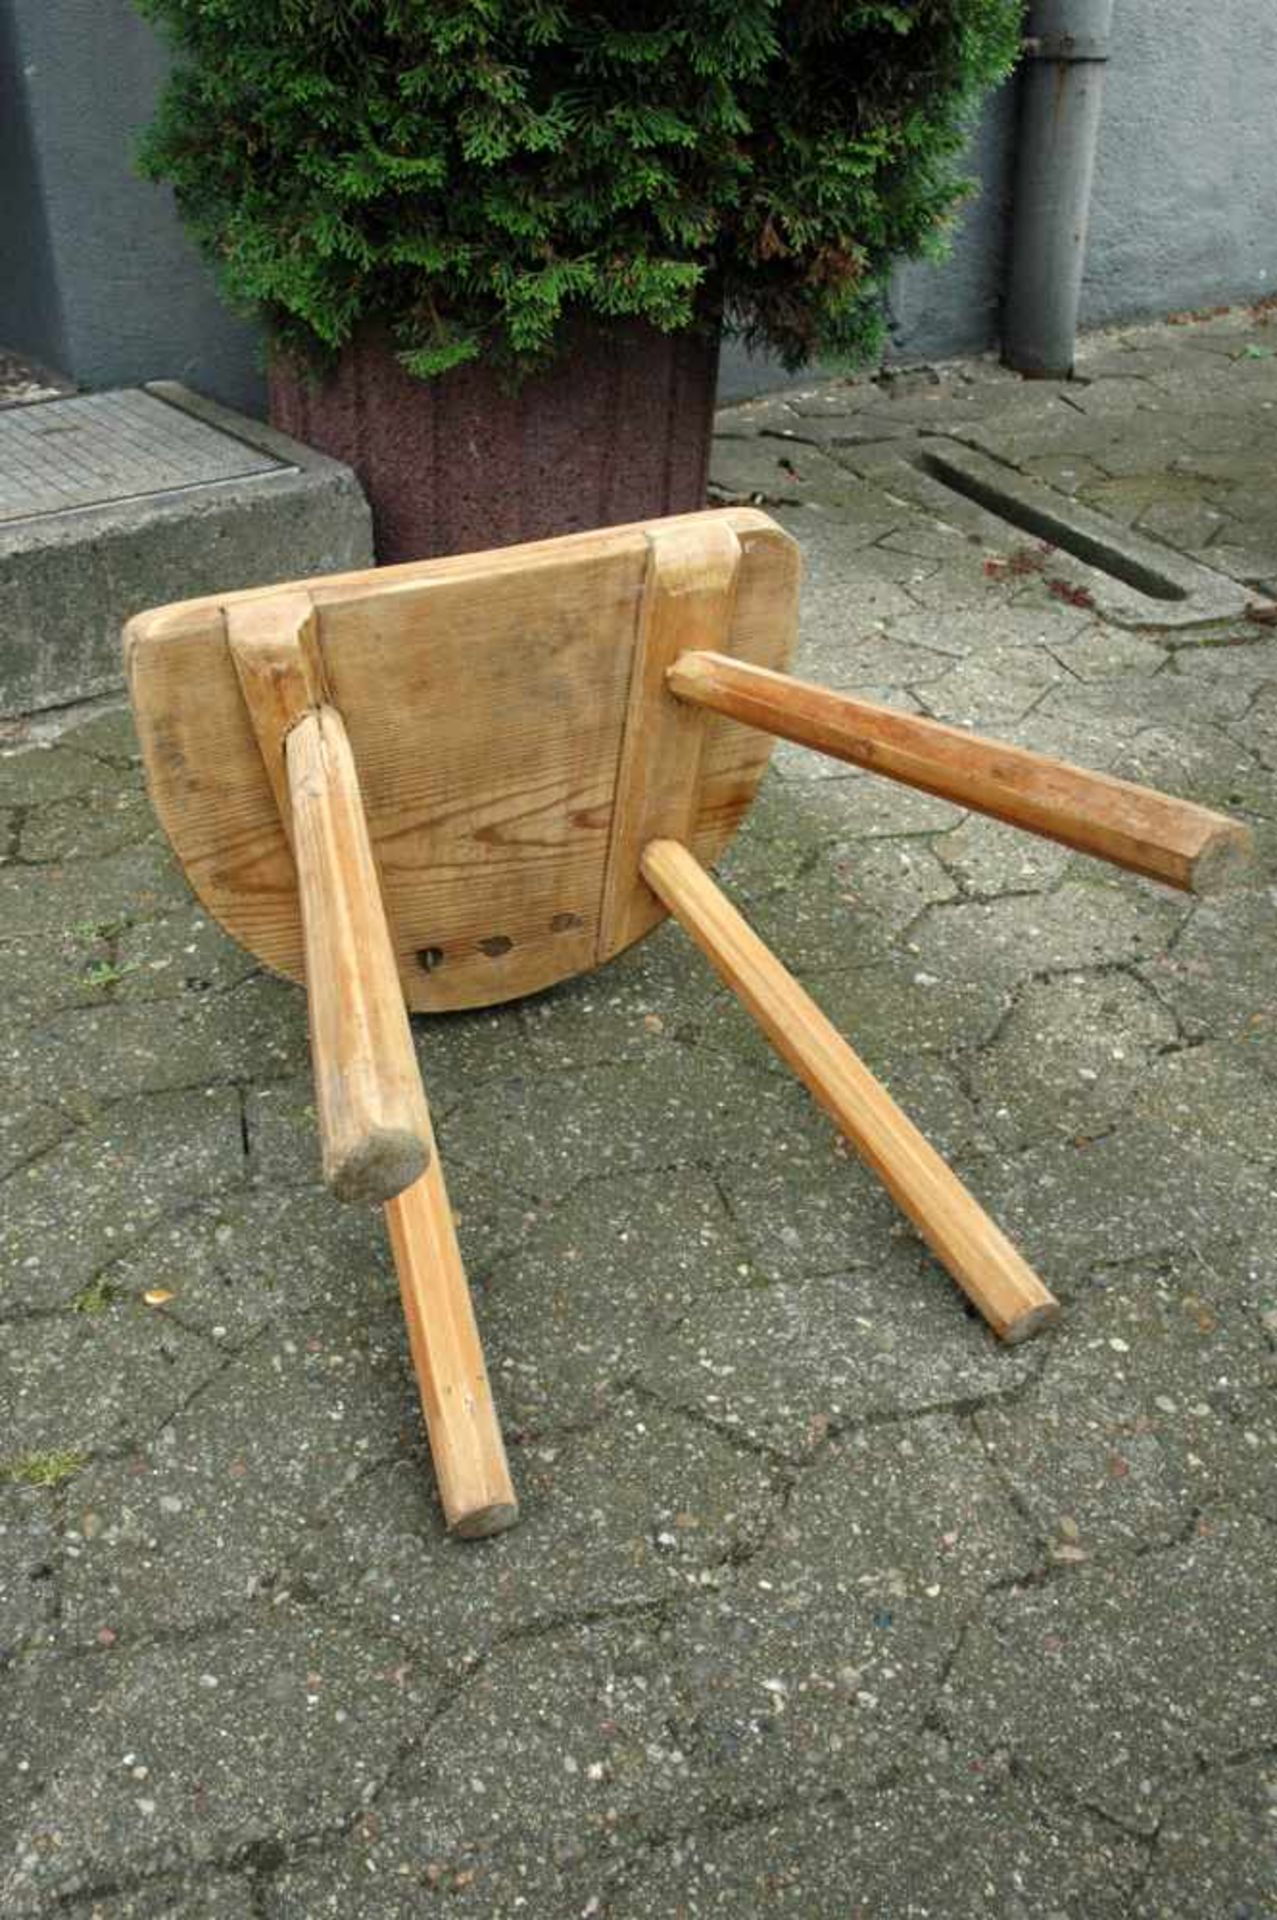 Schemel mit Lehne, Weichholz, Sitzhöhe 38 cm, h= 61 cm - Bild 3 aus 3